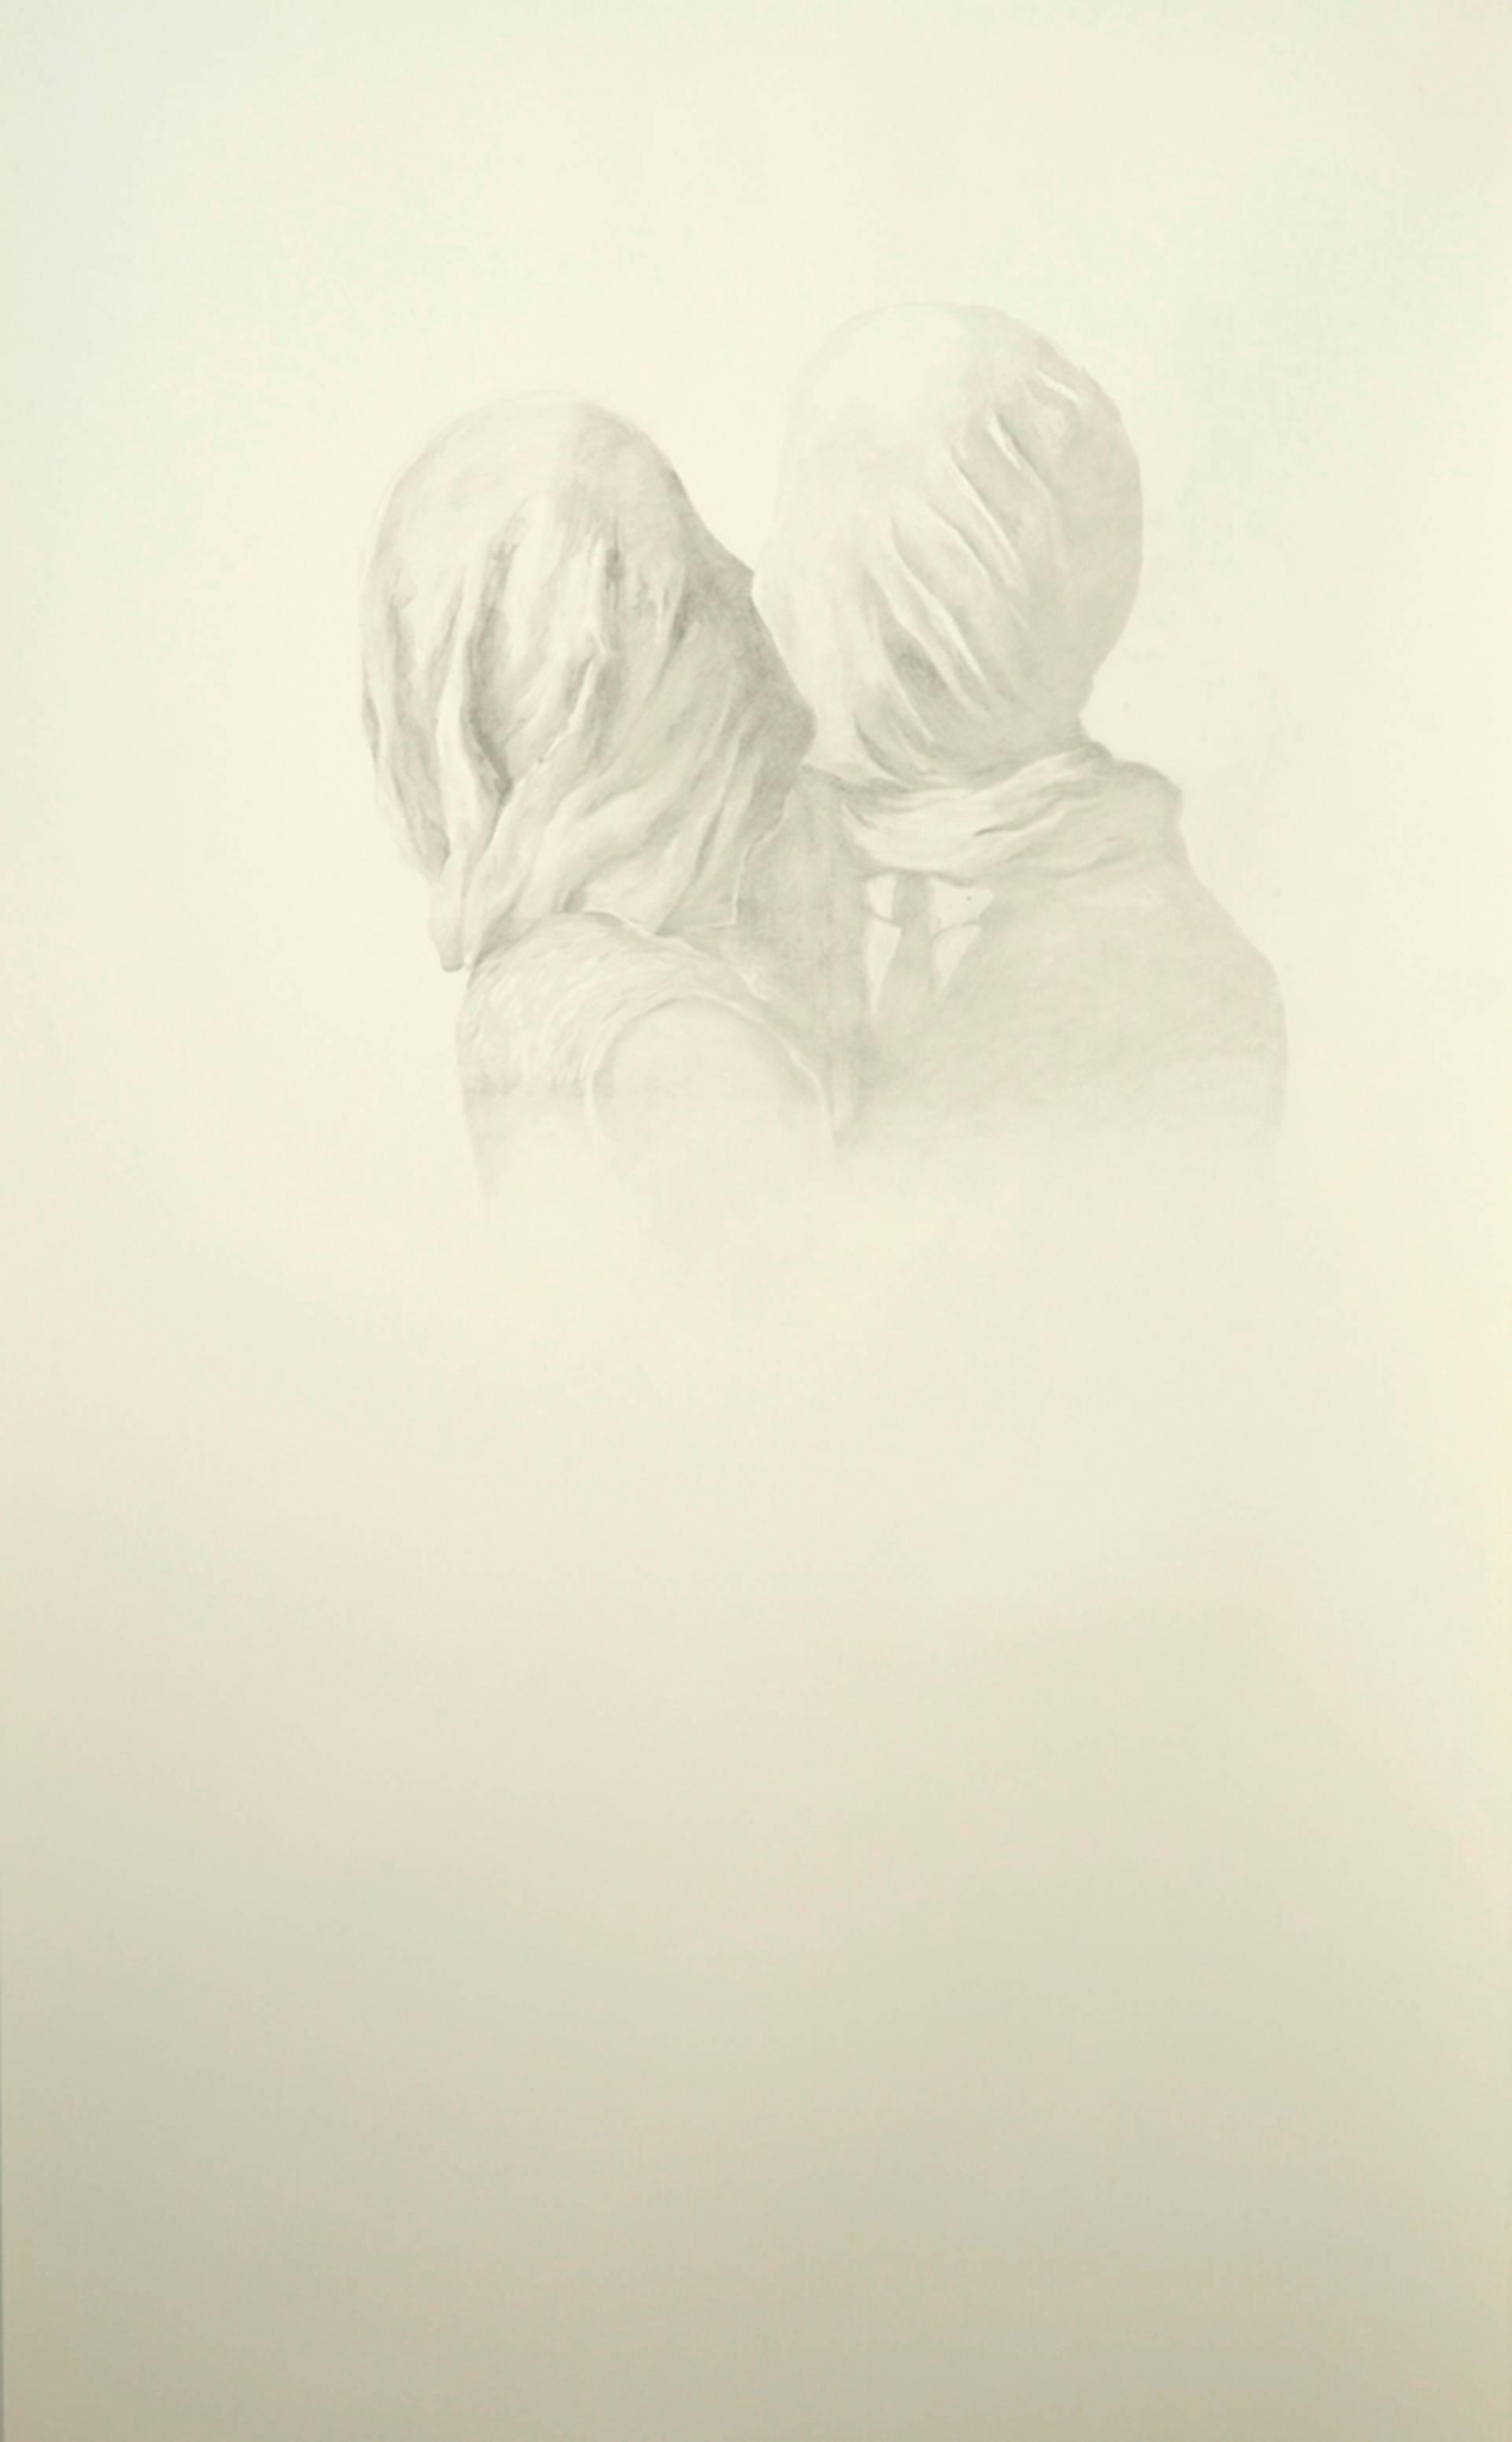 יפעת בצלאל, הסתר פנים, 2014